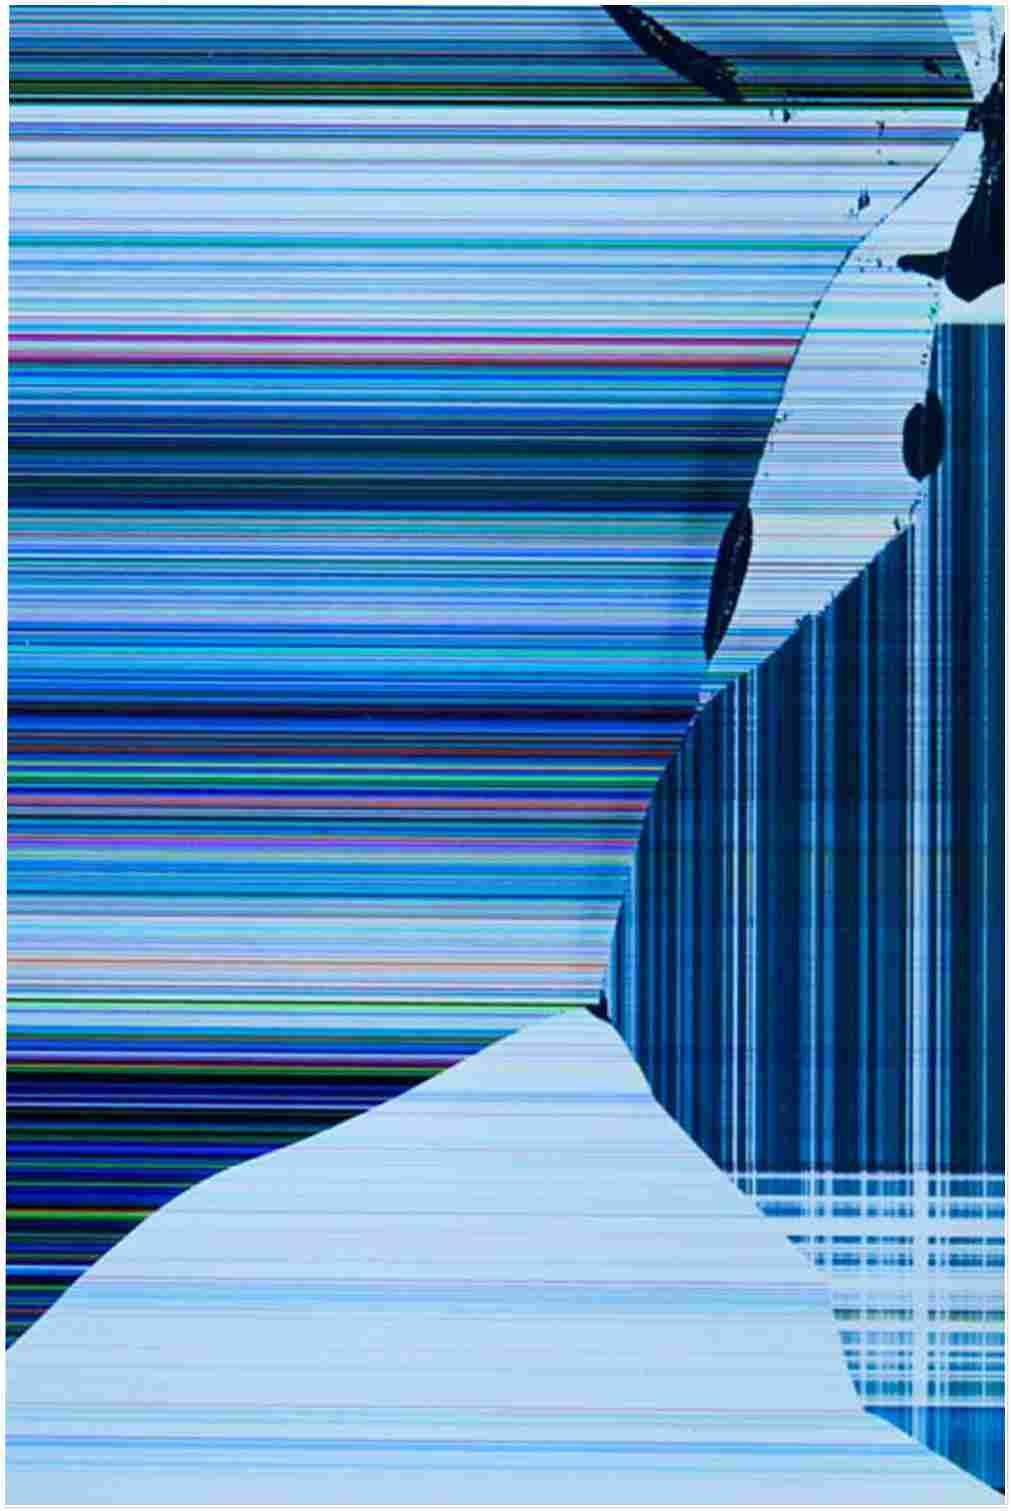 Best 15 Broken Screen Wallpapers Broken Screen Wallpaper Screen Wallpaper Screen Wallpaper Hd